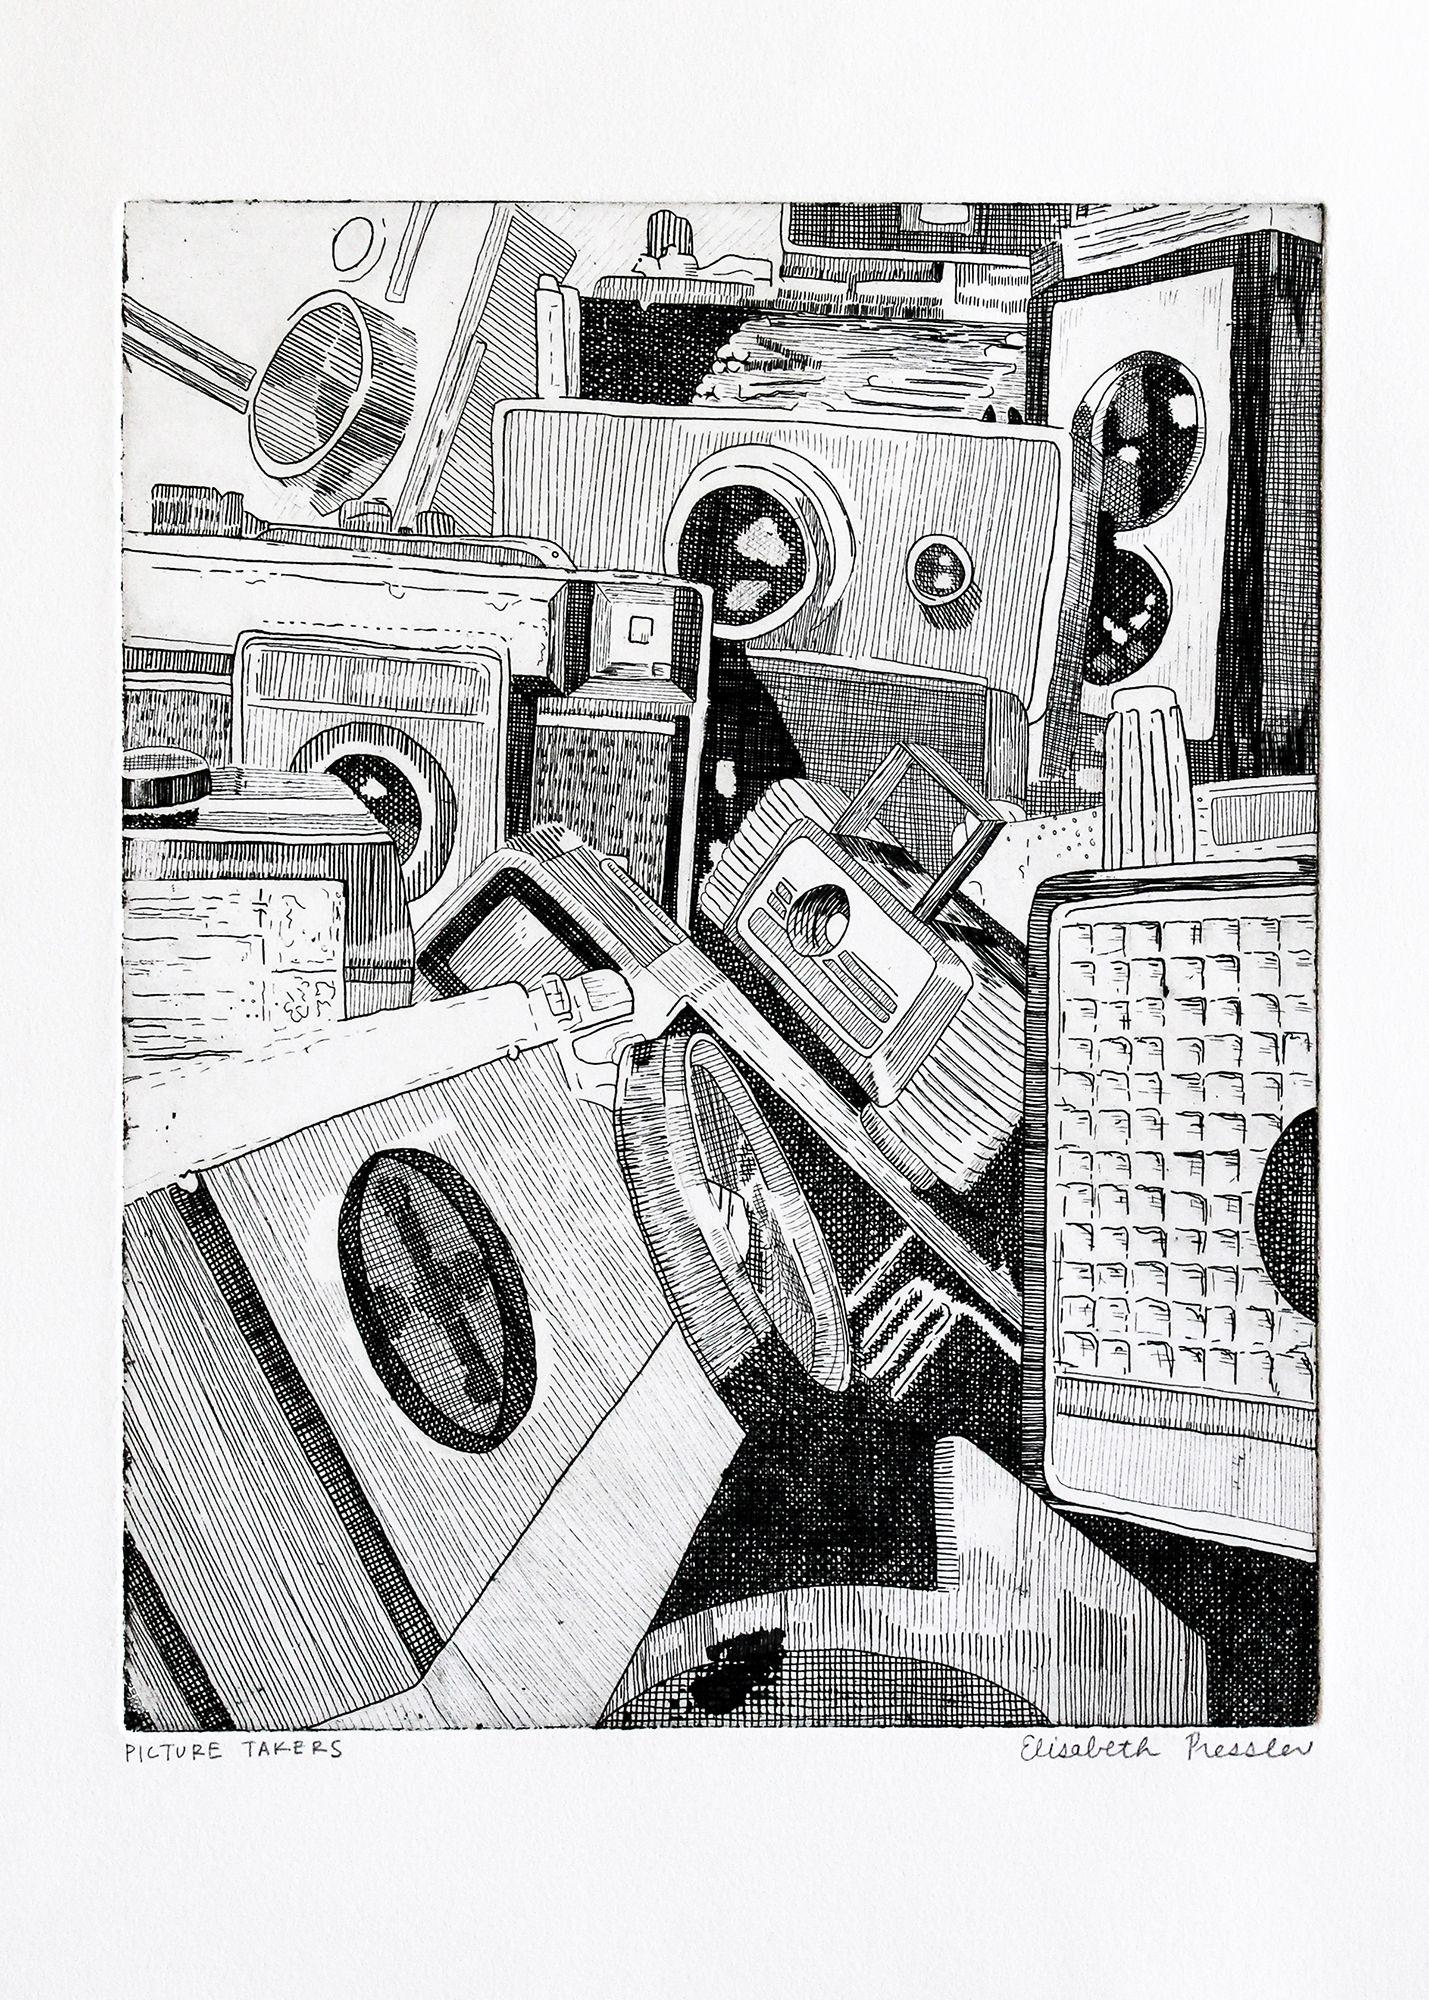 Vintage Cameras Intaglio Print